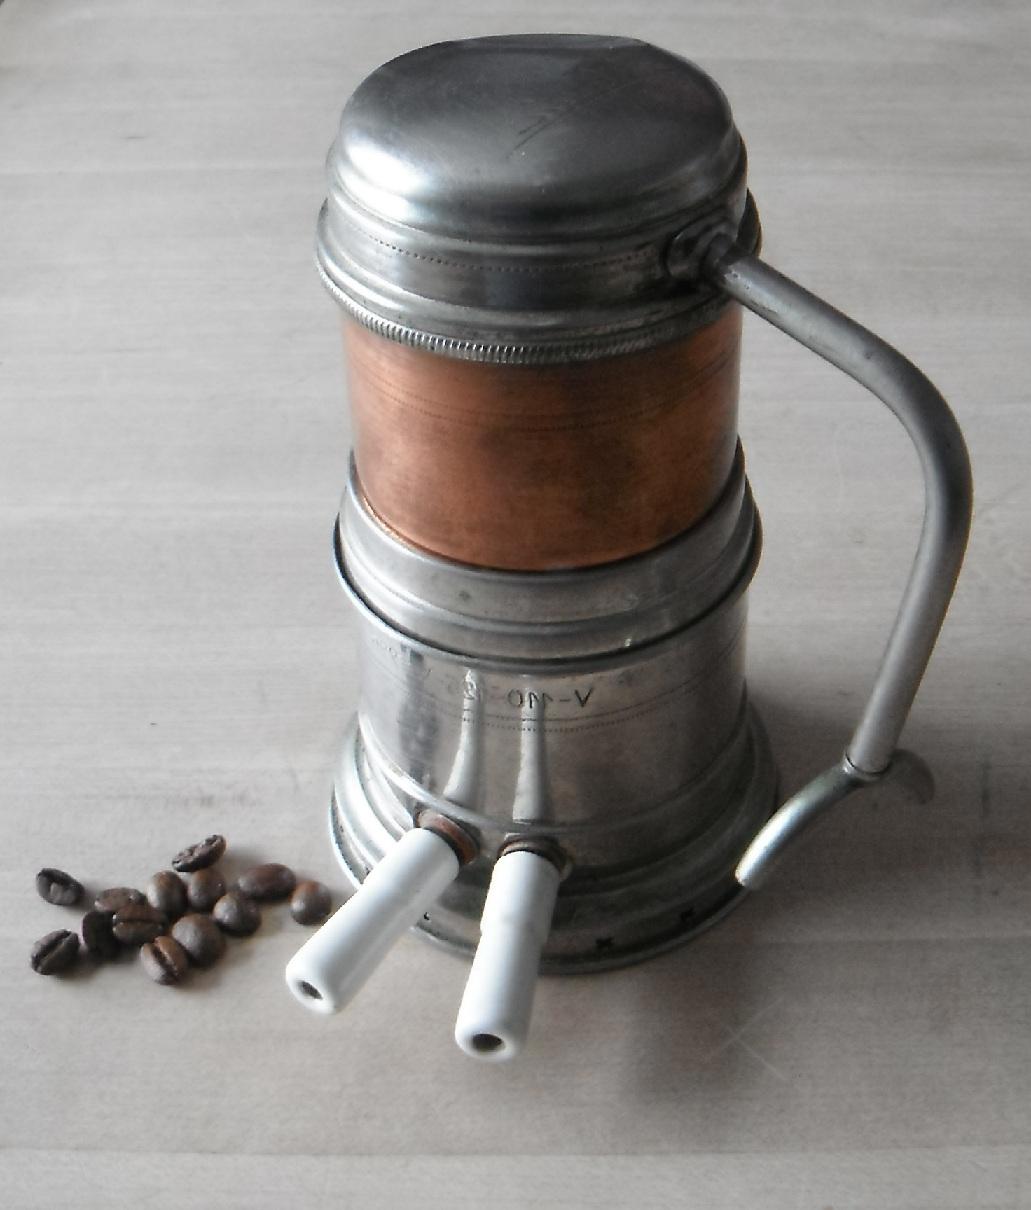 antique espresso